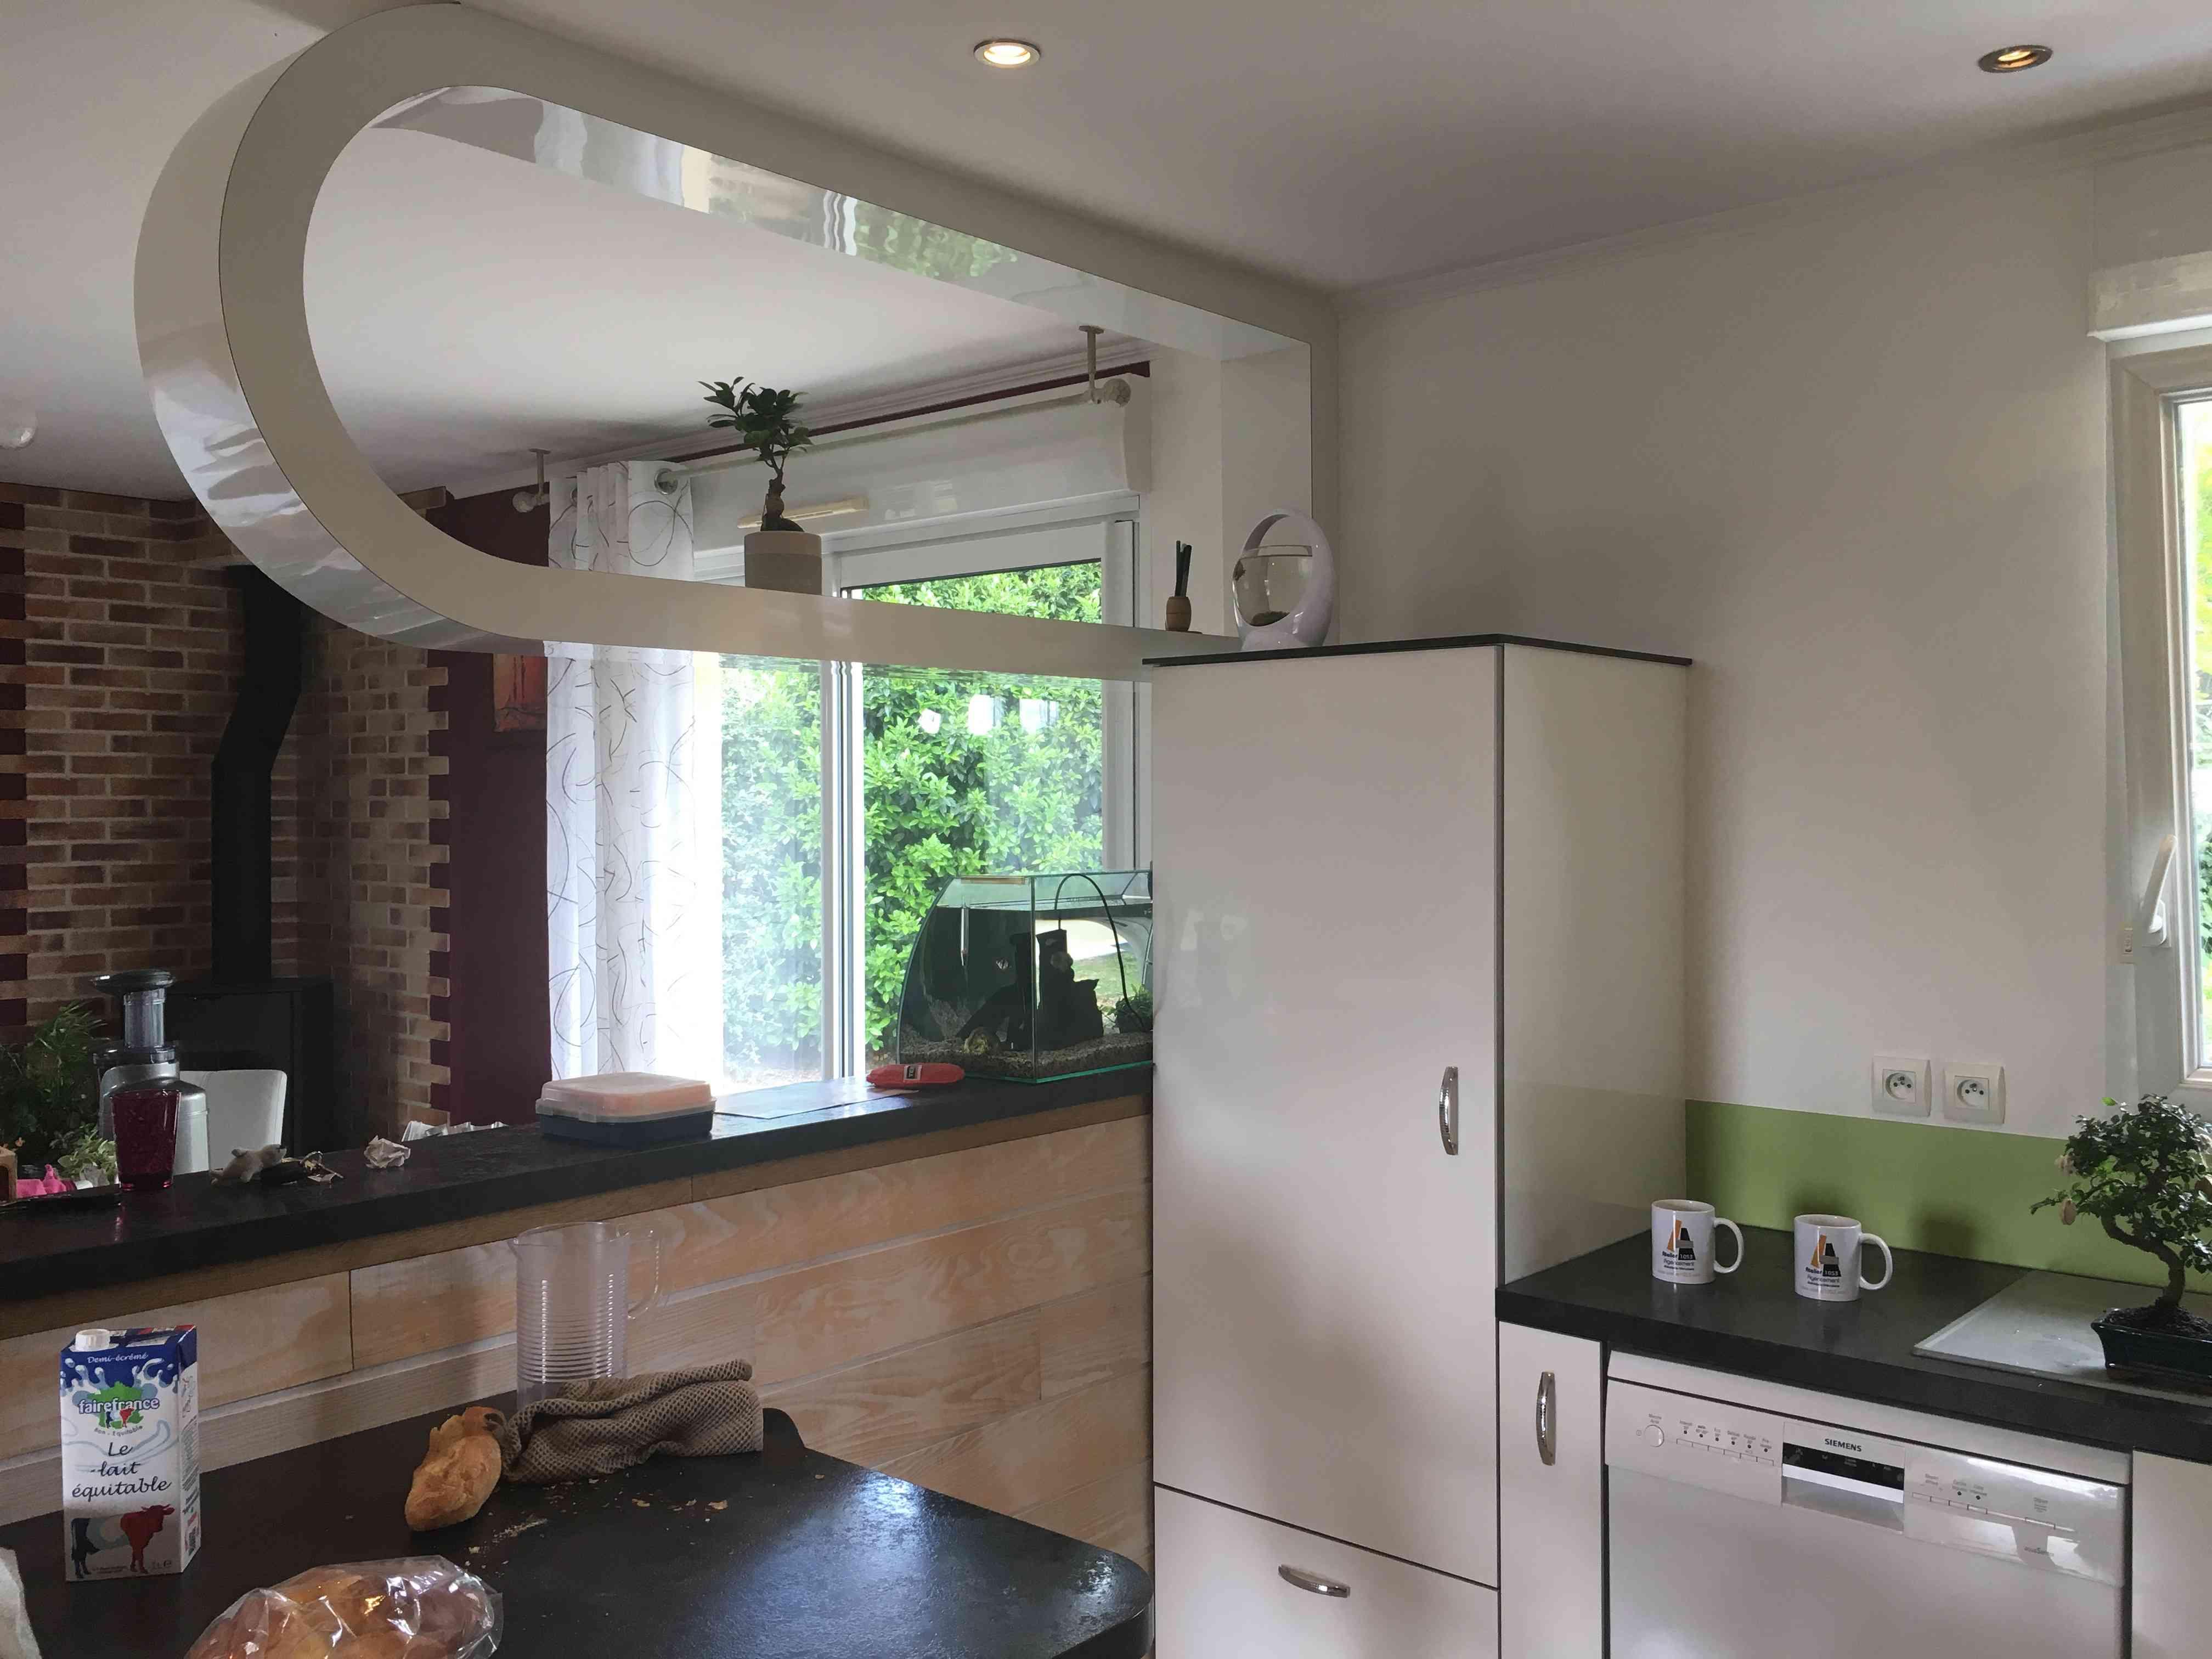 IMG 5682 - Cuisine blanche crédence verte avec décor Morito et décoration aérienne